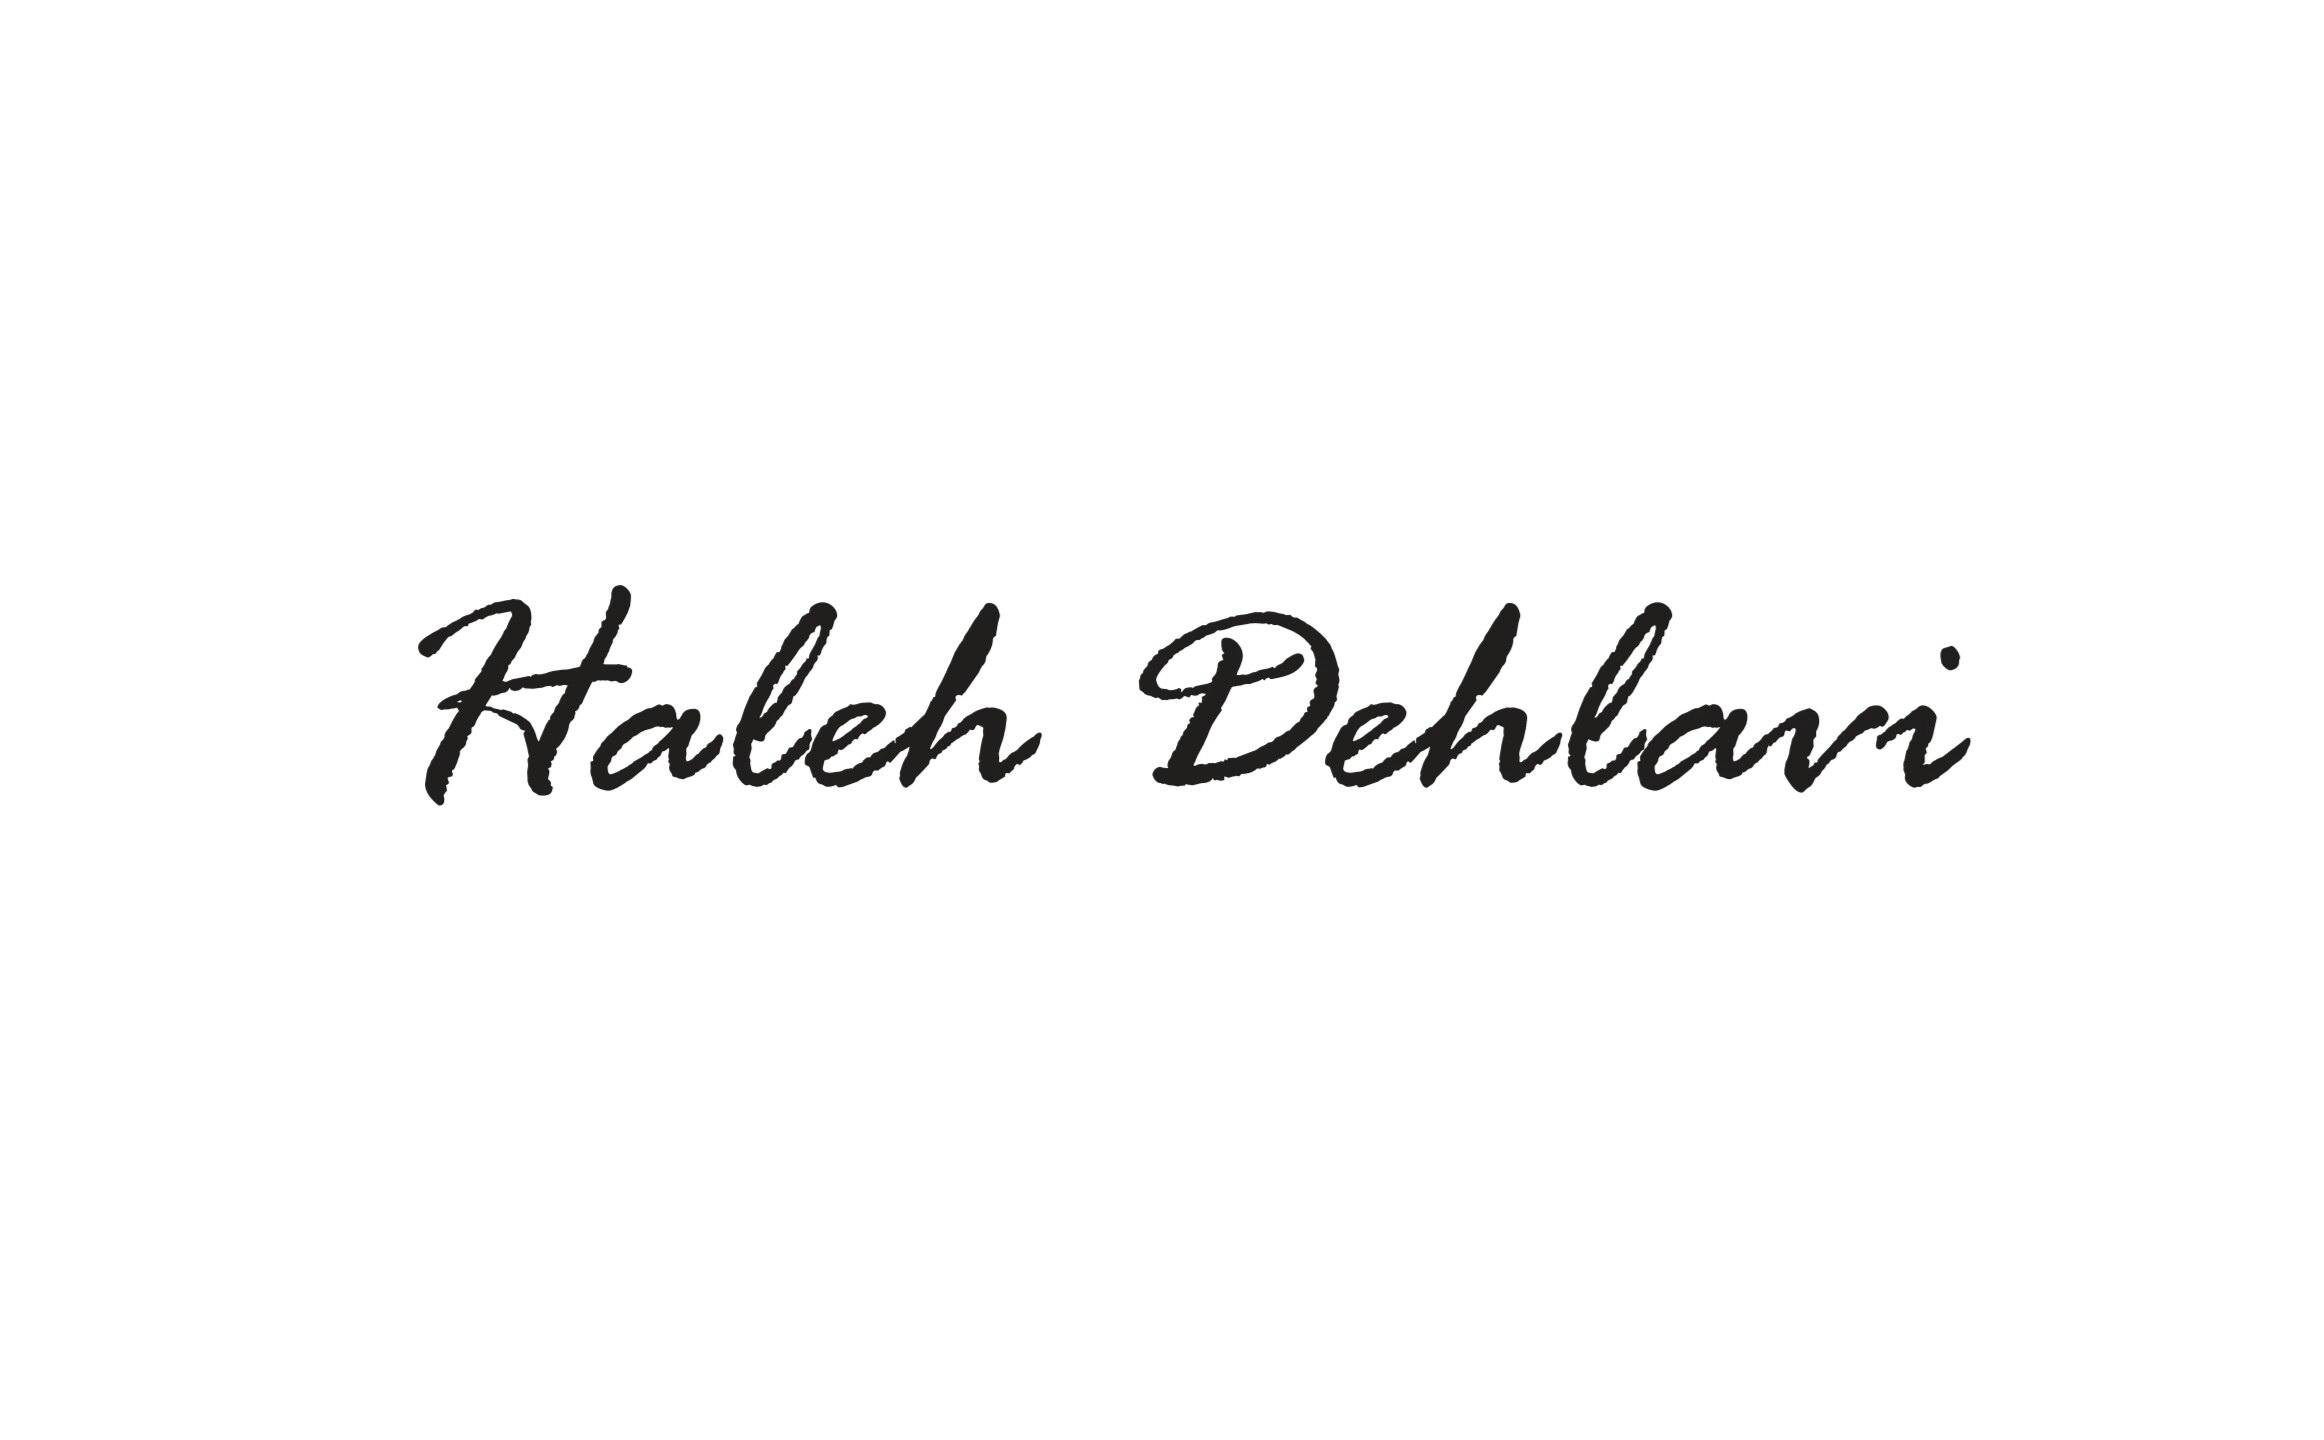 Haleh Dehlavi's Signature